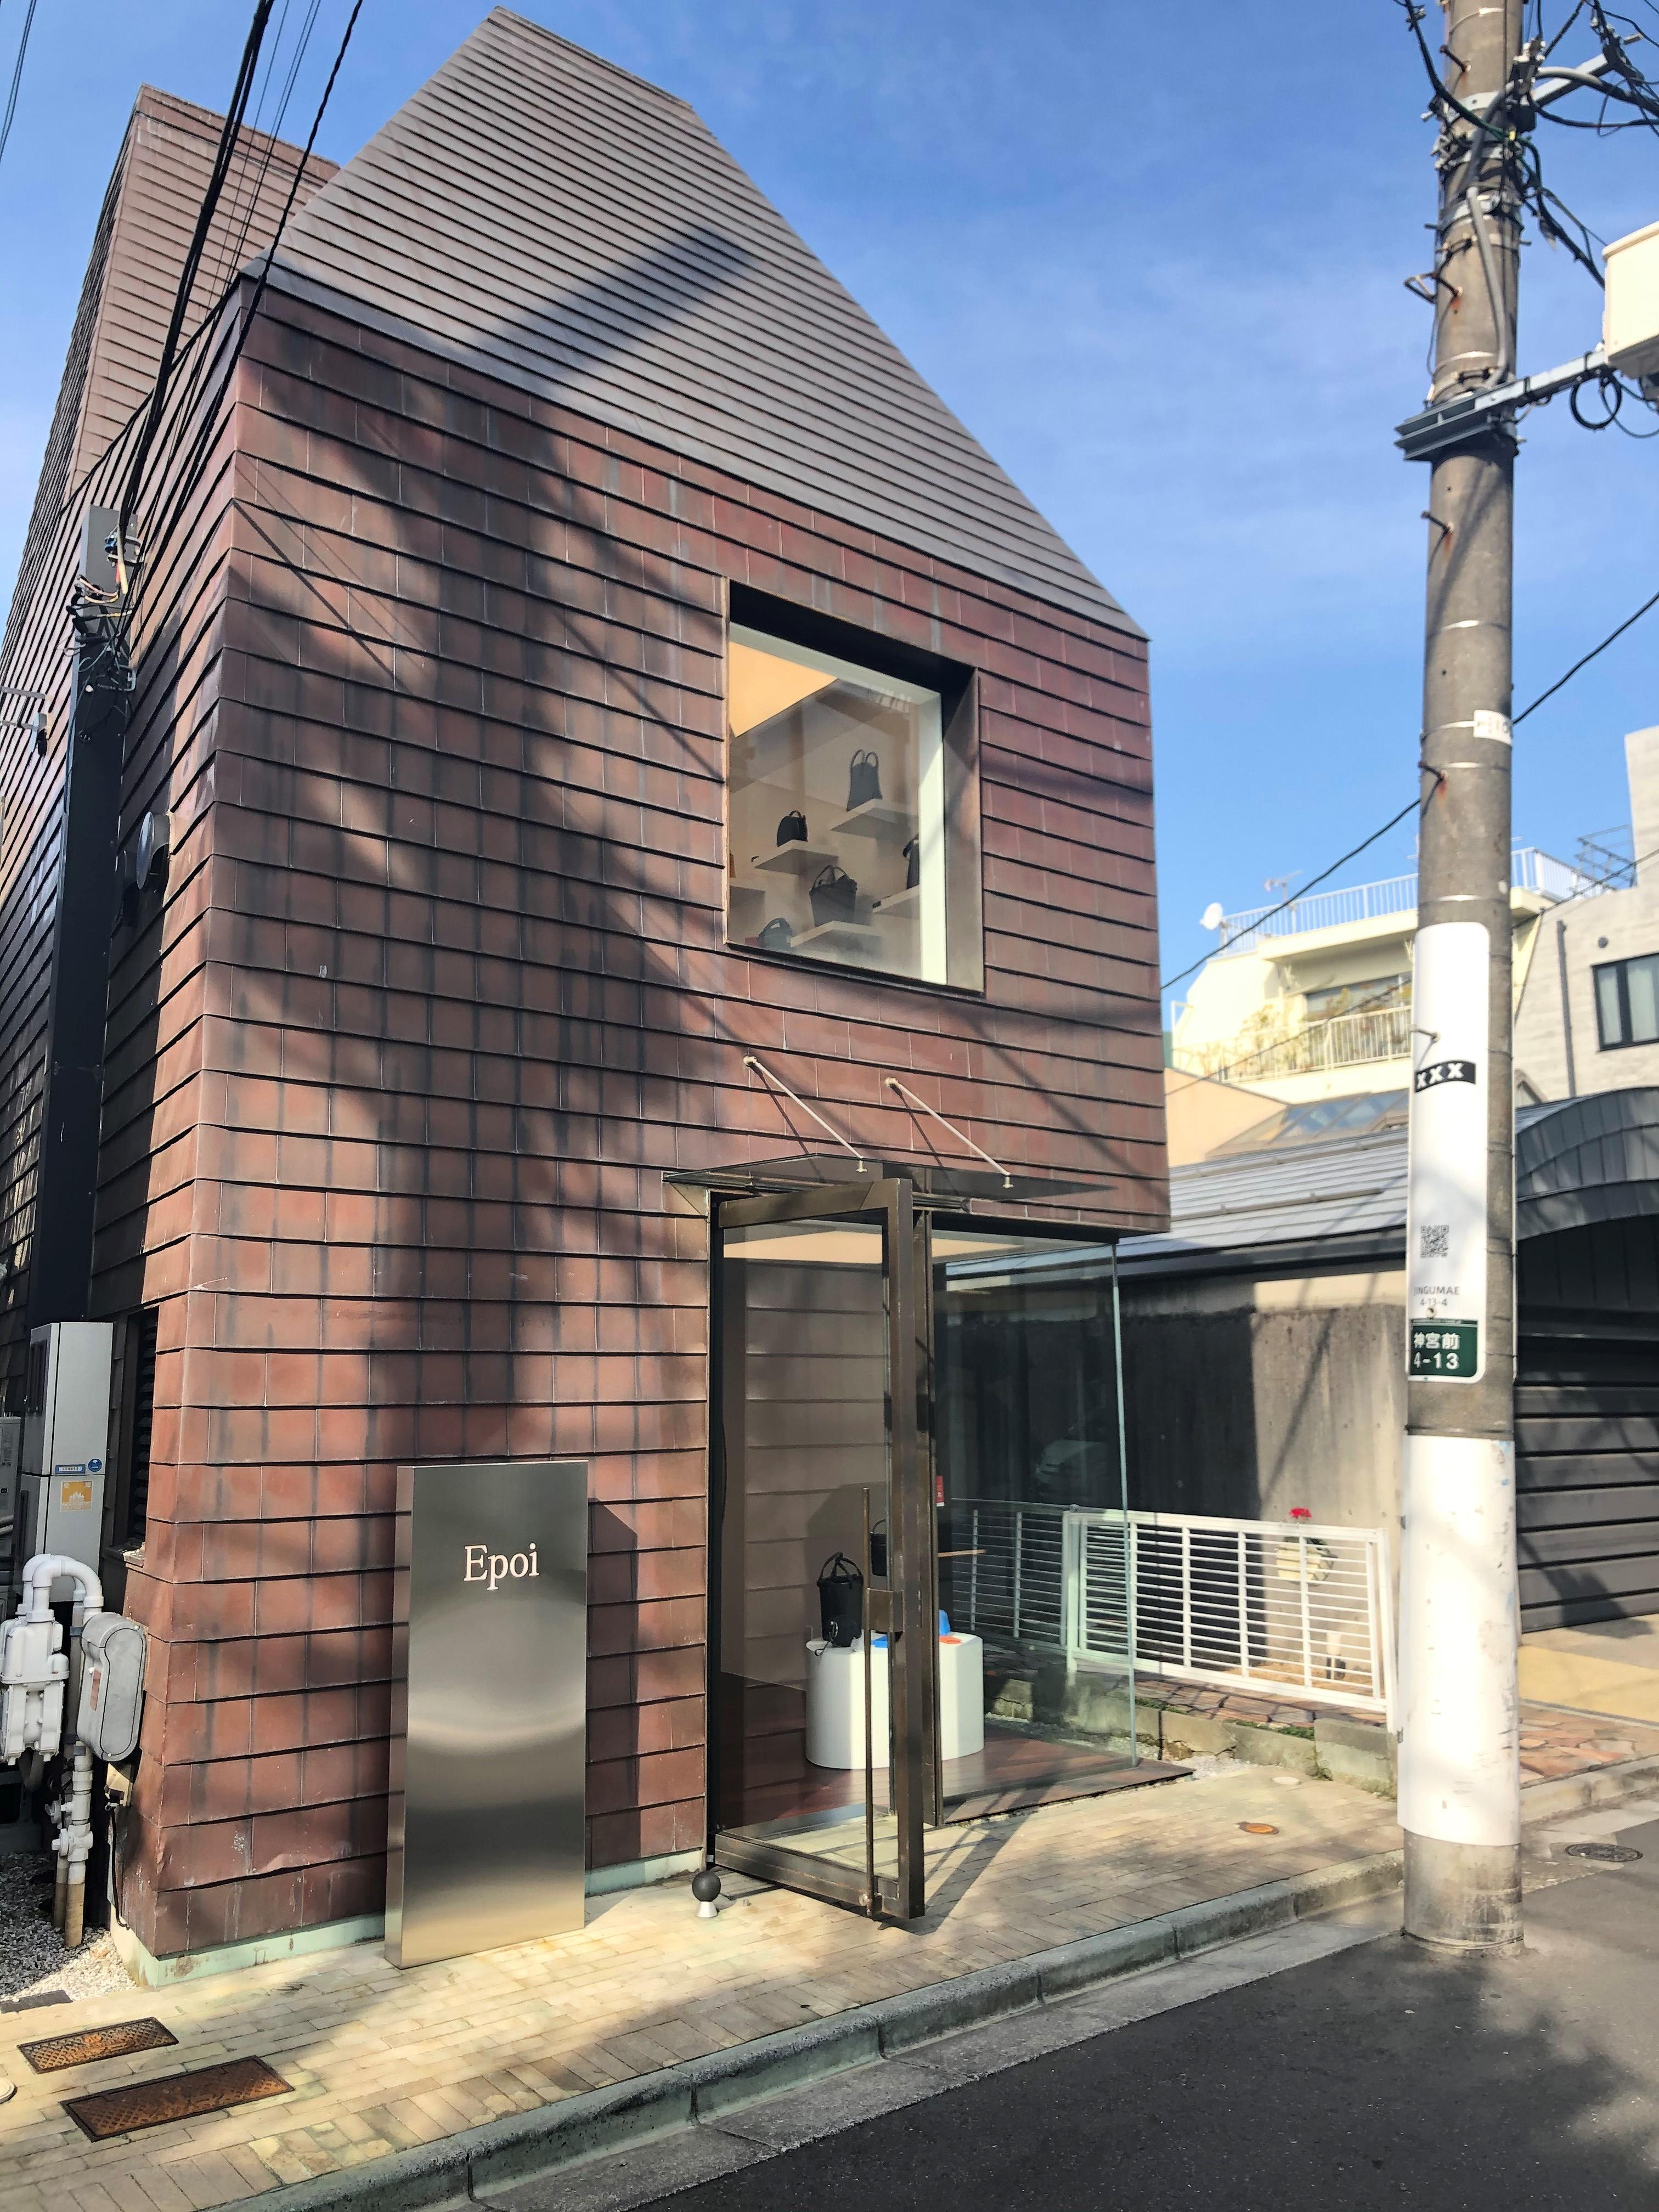 【Epoi本店】営業時間変更のお知らせ(7/9)